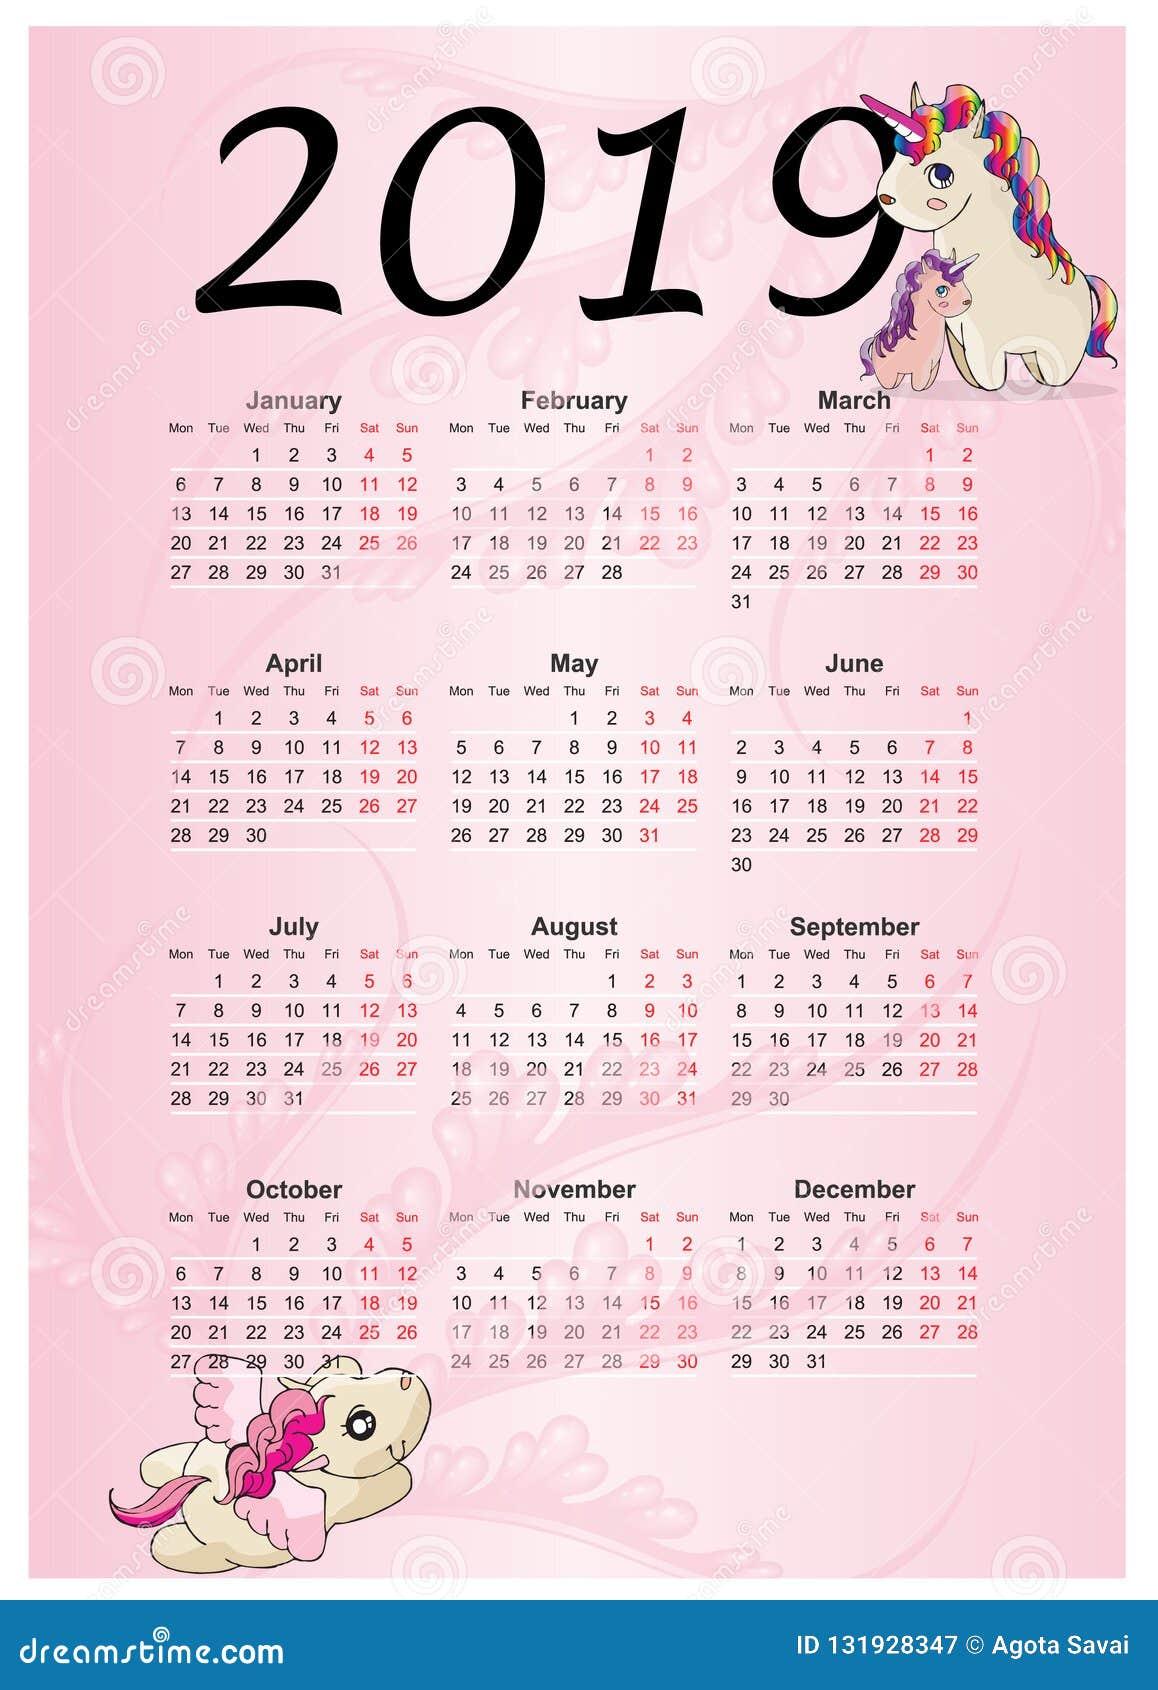 Calendario Rainbow.Cute Rainbow Monthly Calendar 2019 With Unicorn Stock Vector